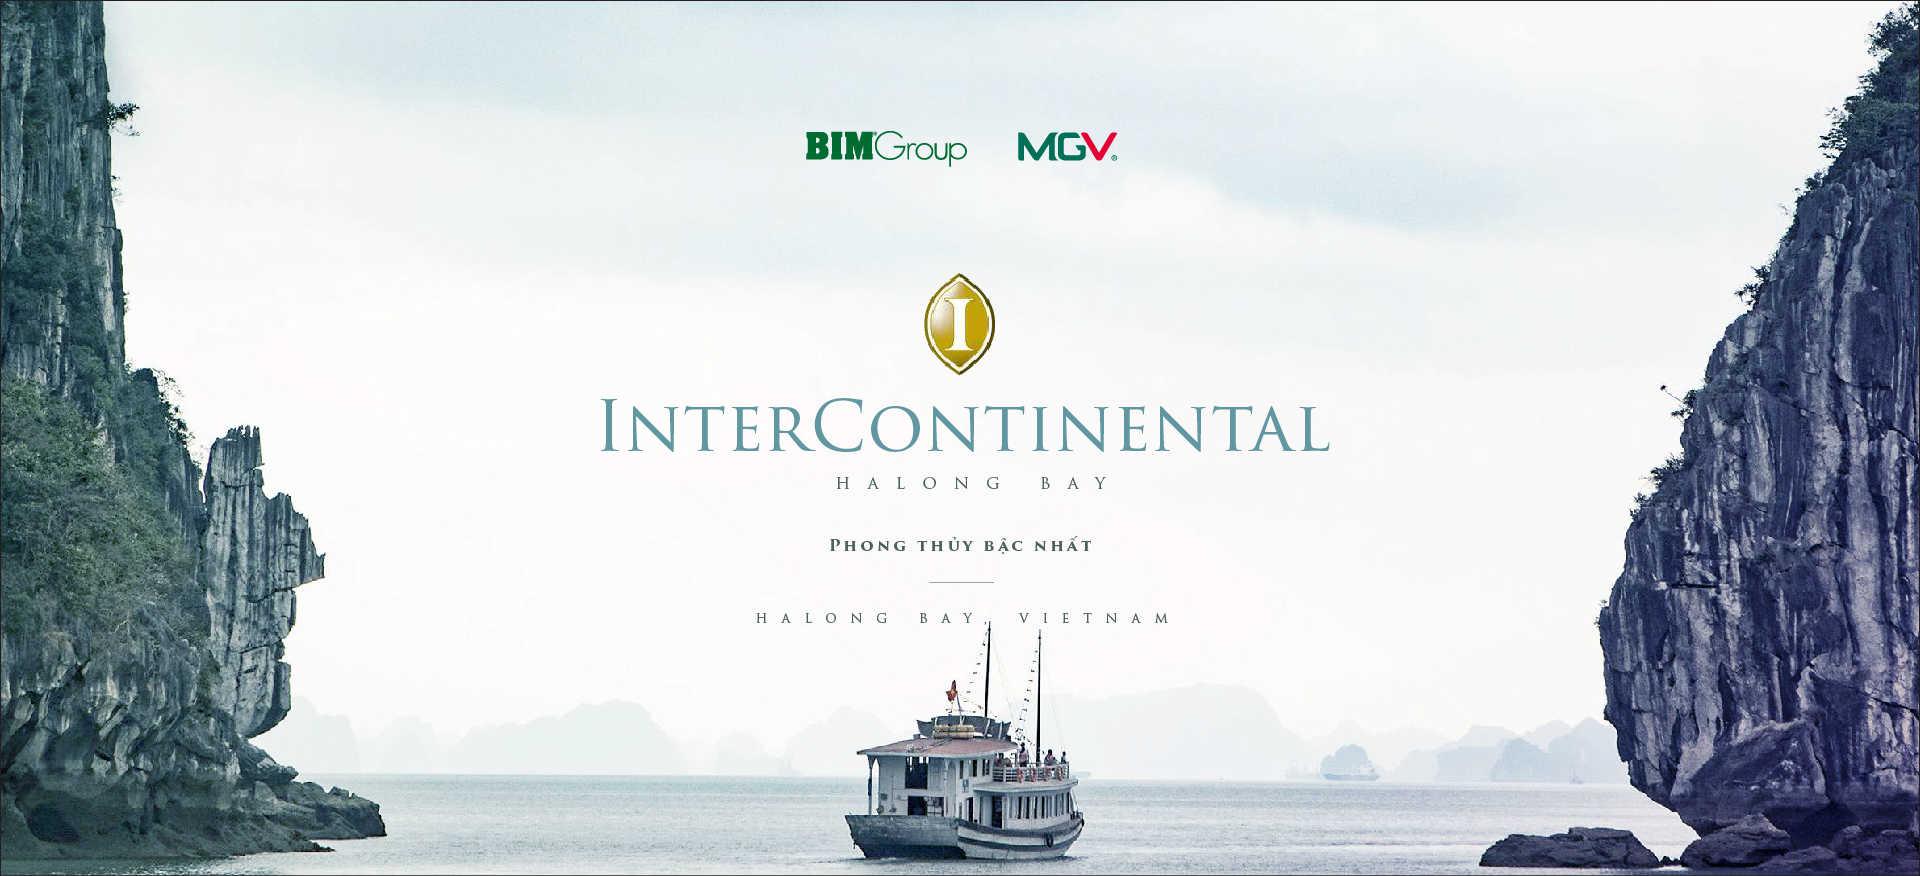 Intercontinental Halong Bay – Điểm nóng thị trường BĐS Quảng Ninh